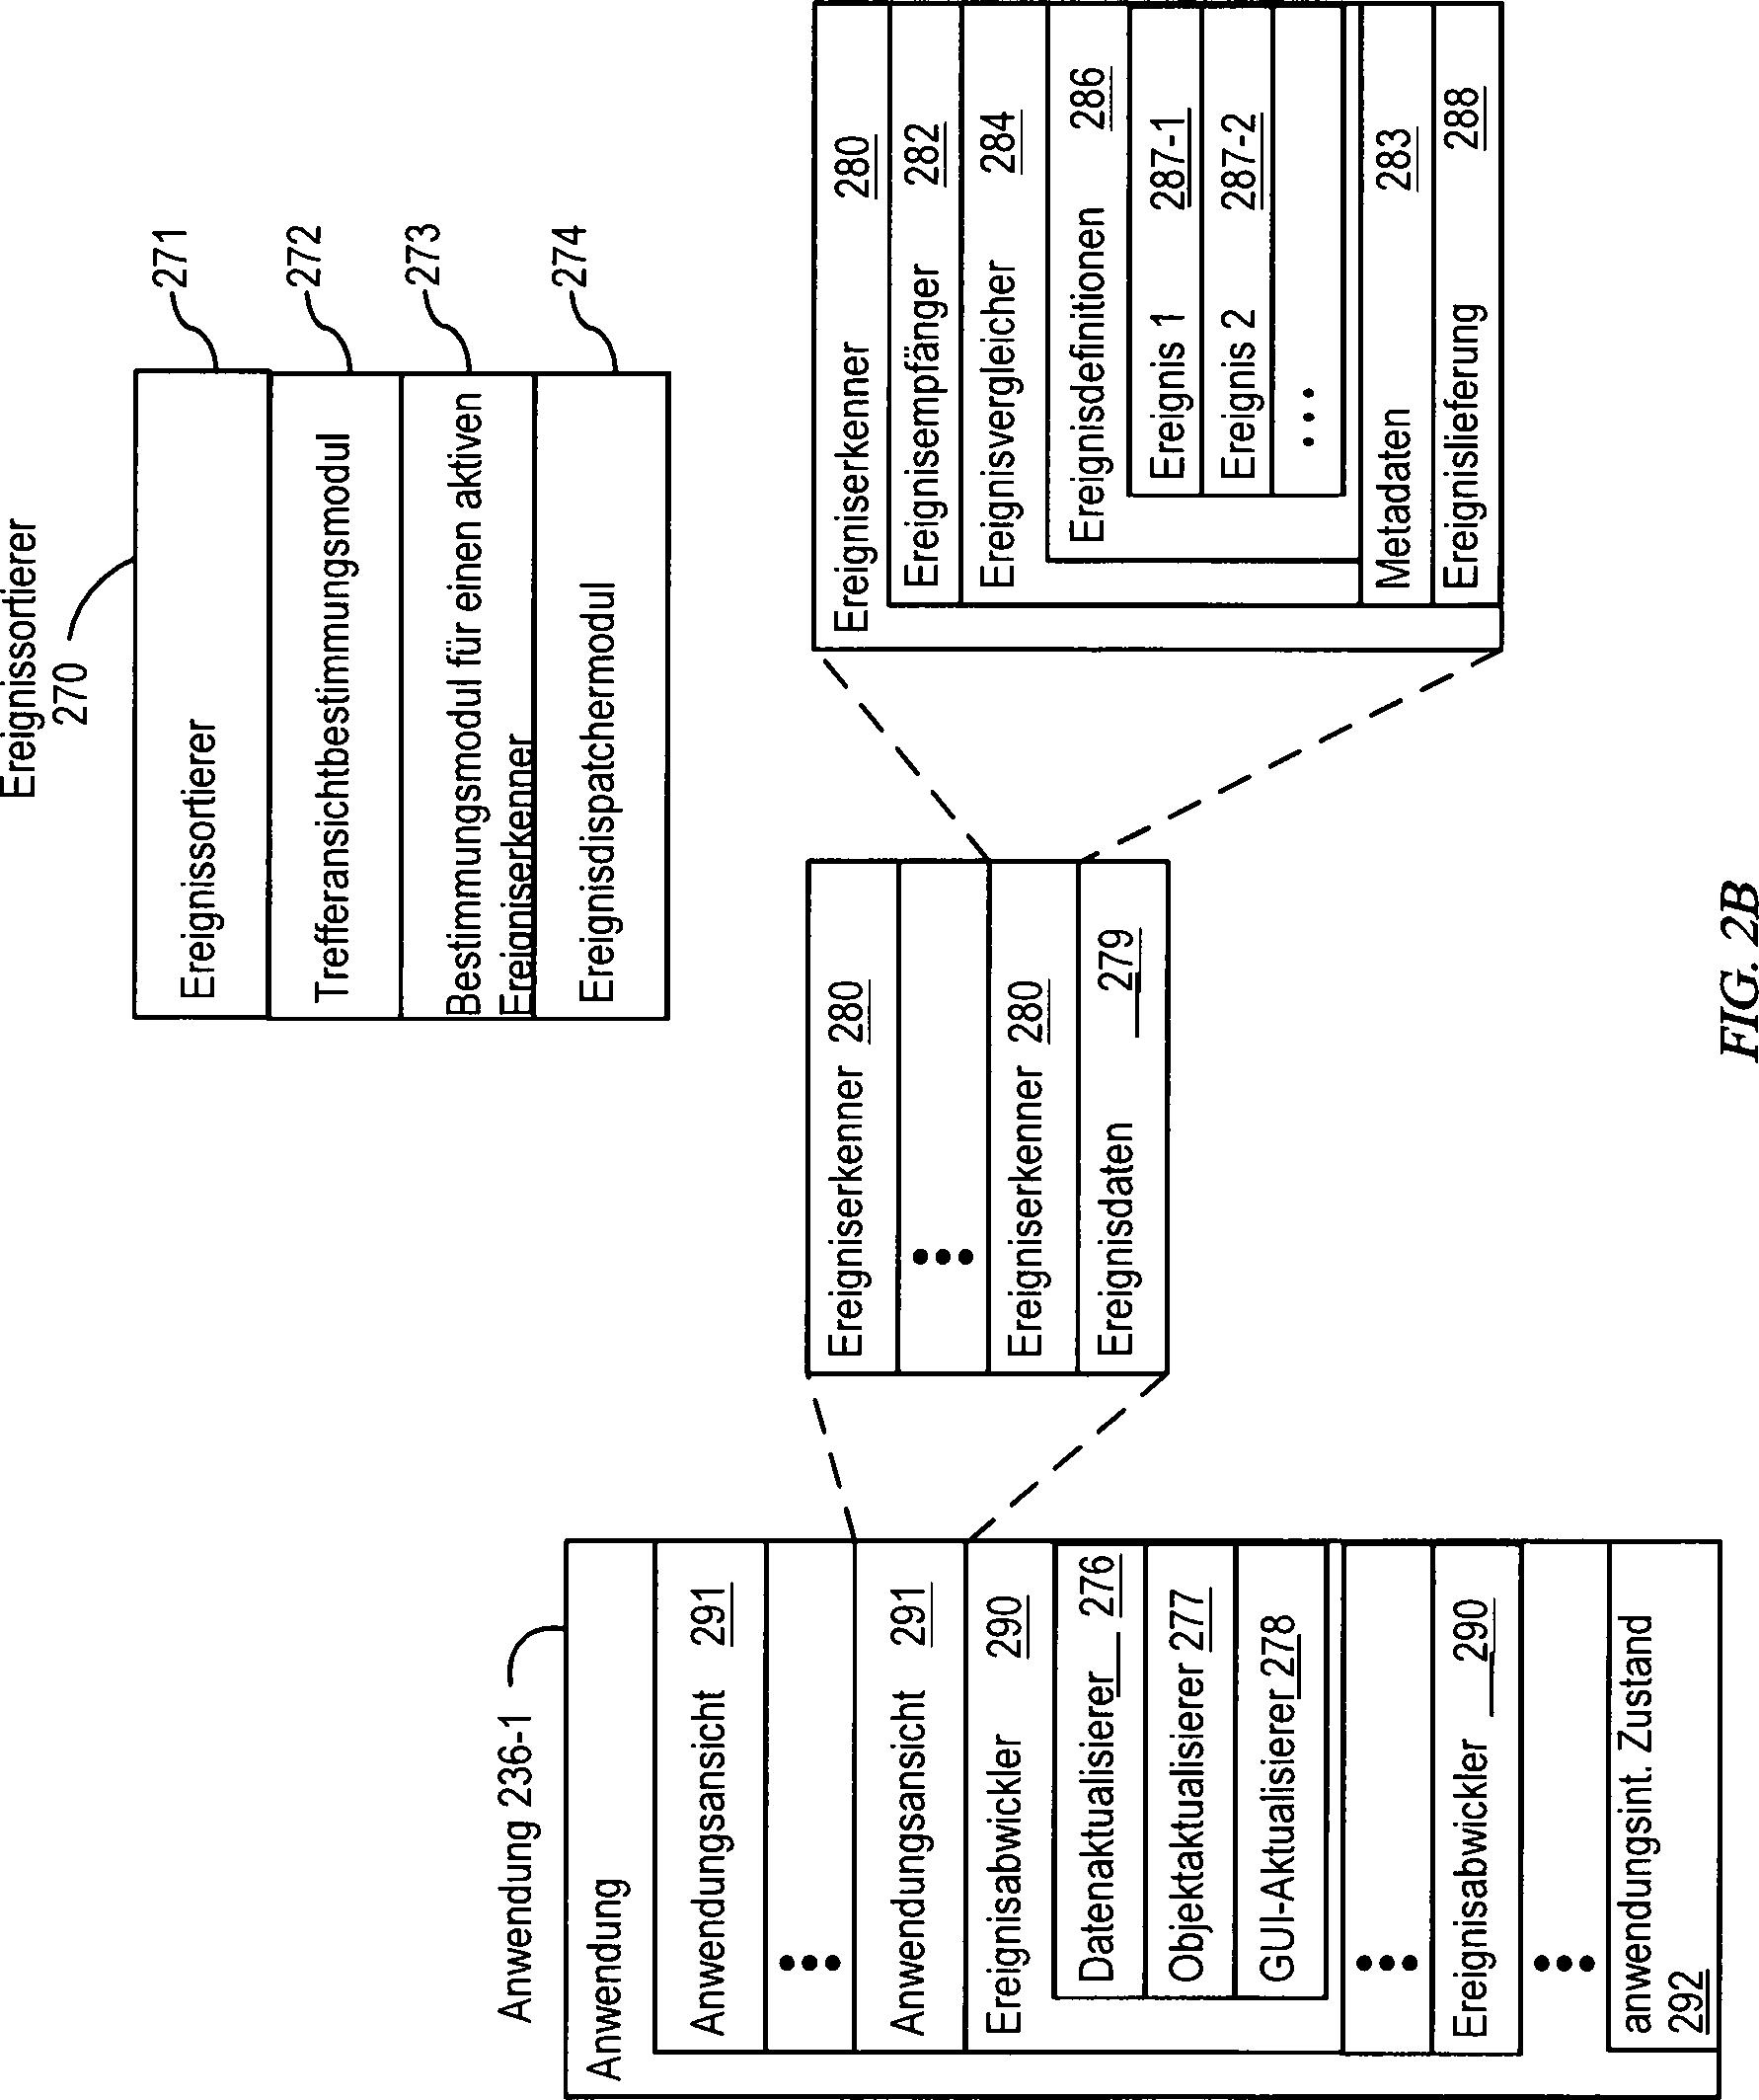 DE U1 Intelligent automated assistant Google Patents